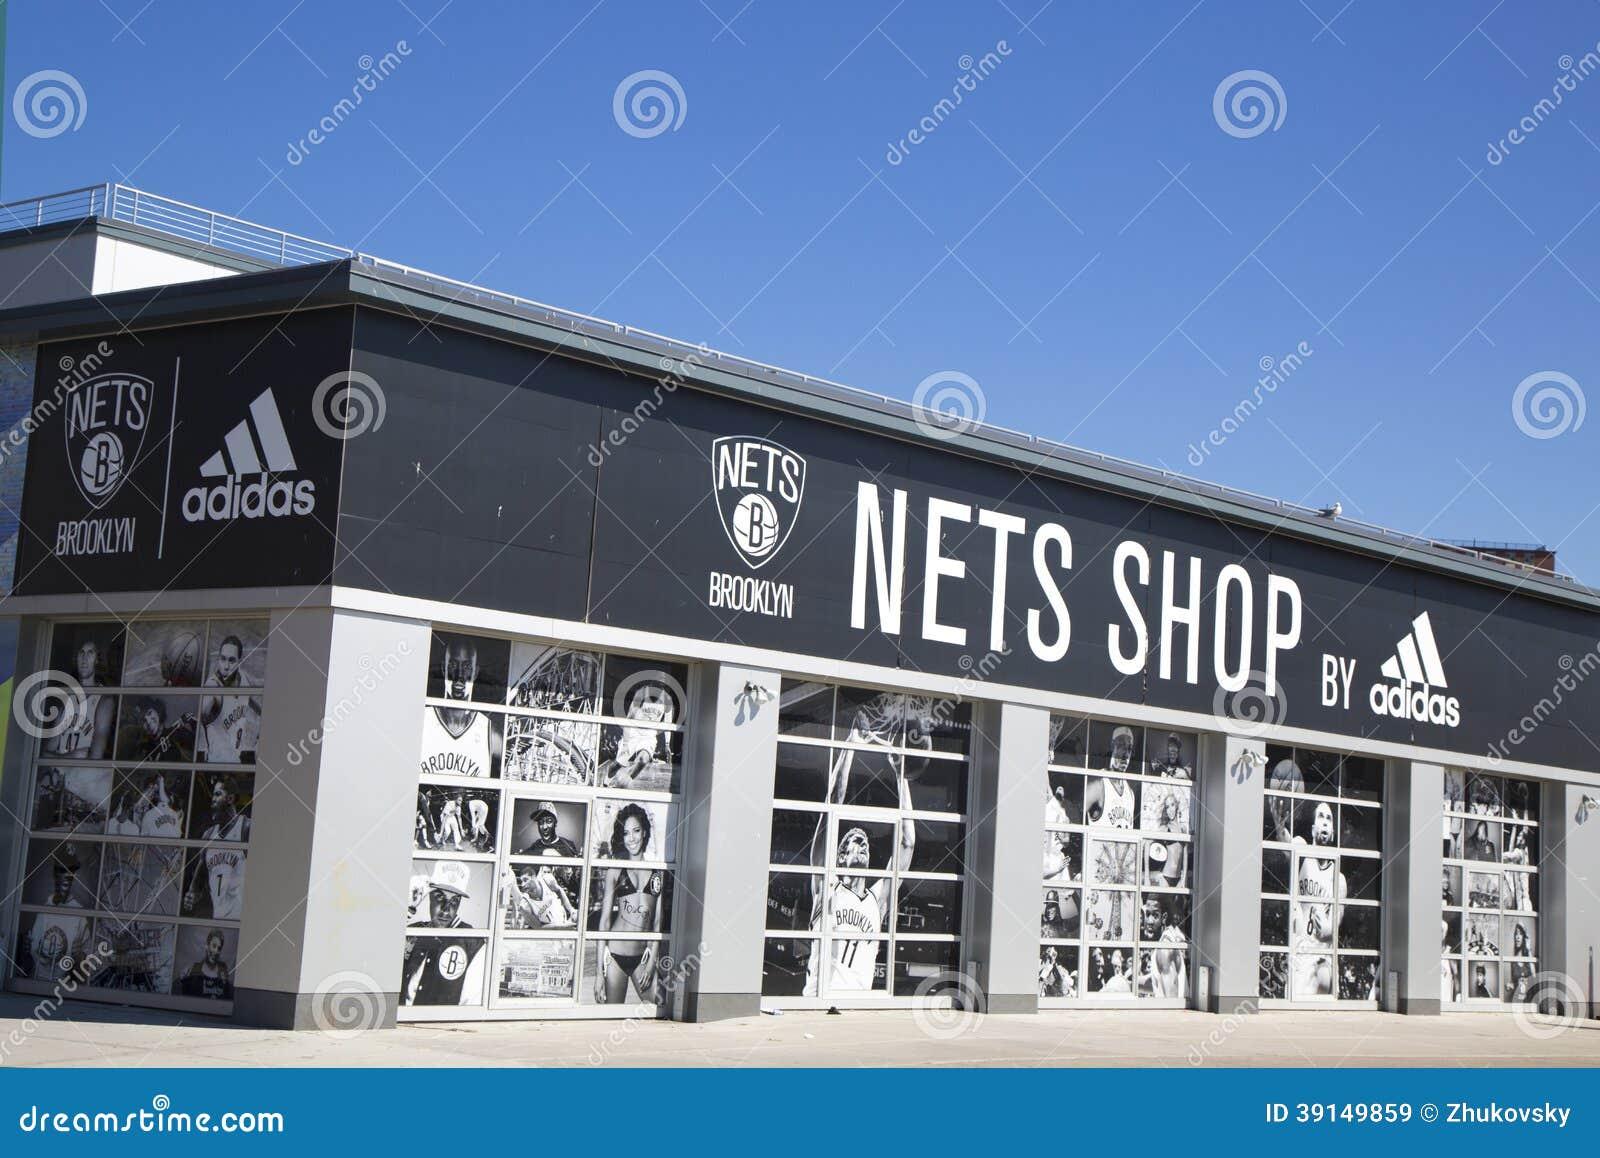 adidas ny stores